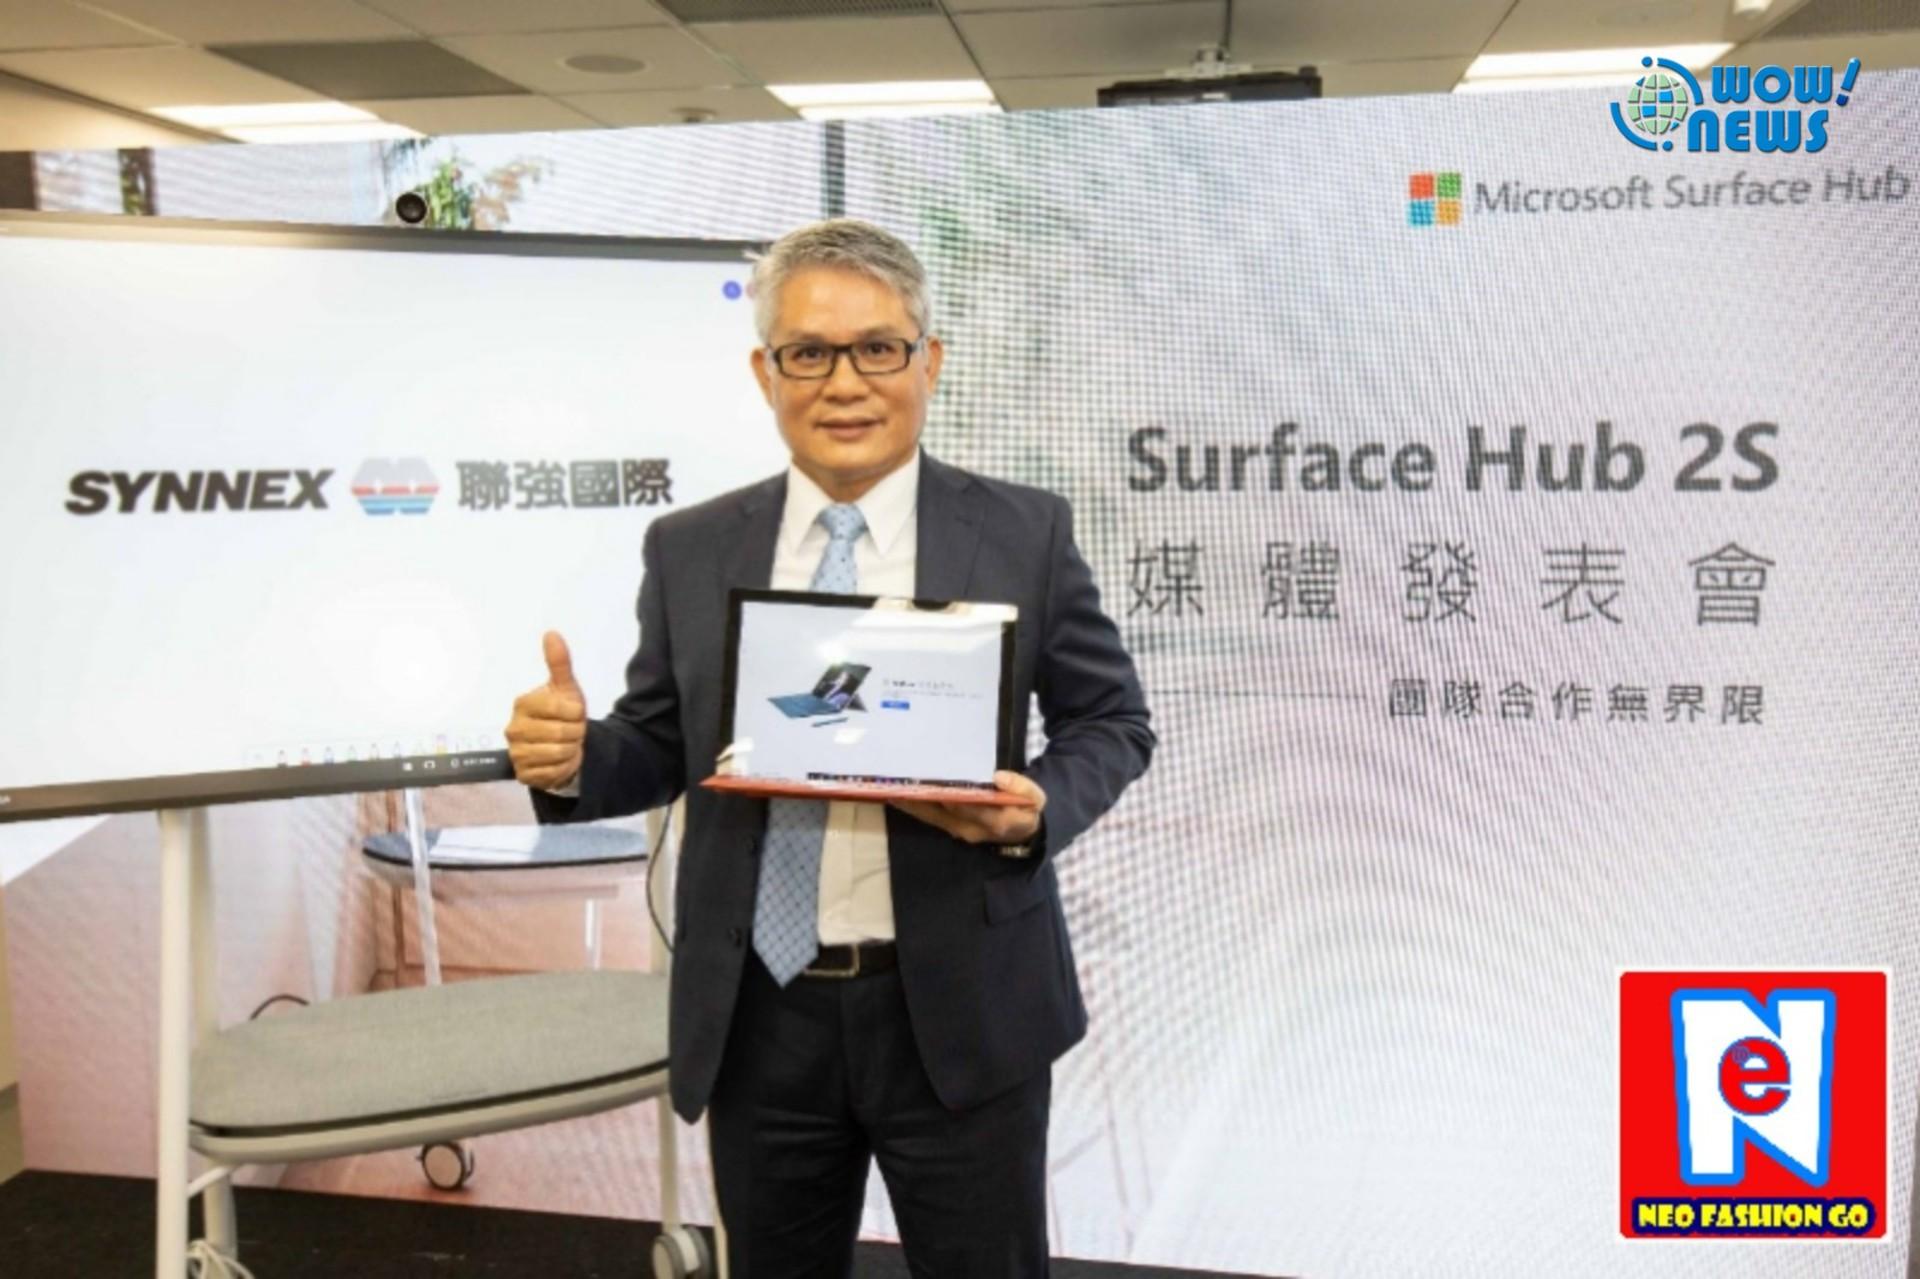 聯強國際總經理李建宗:「Surface Hub 2S集視訊會議、團隊協作與商務需求於一體,將成為企業遠距團隊協作模式新主流。」